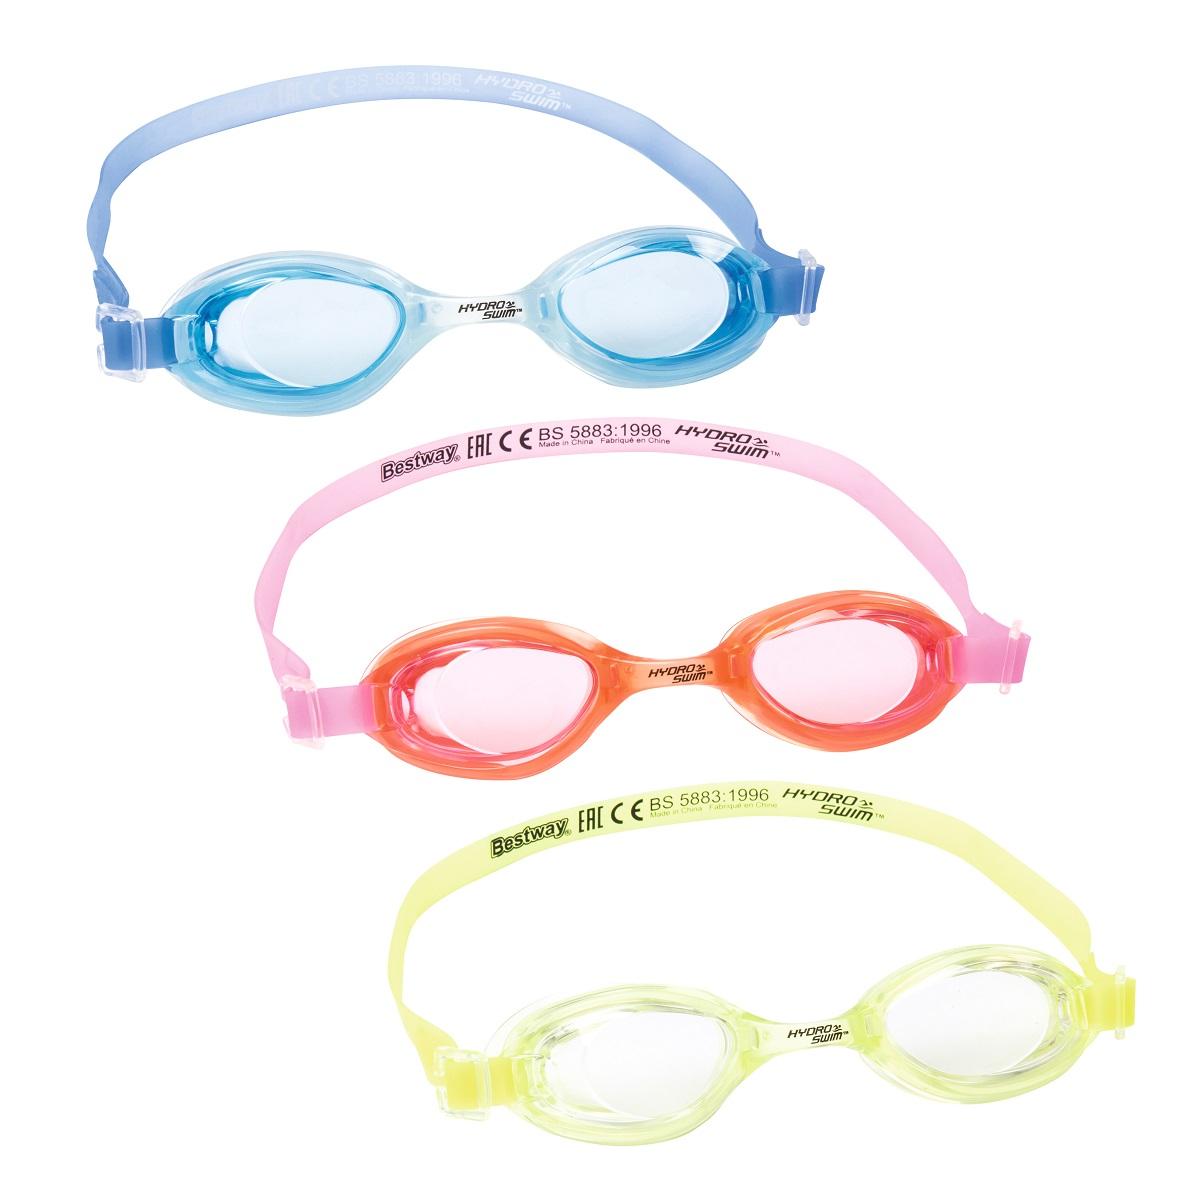 Plavecké brýle BESTWAY Hydro Swim 21045 - modré